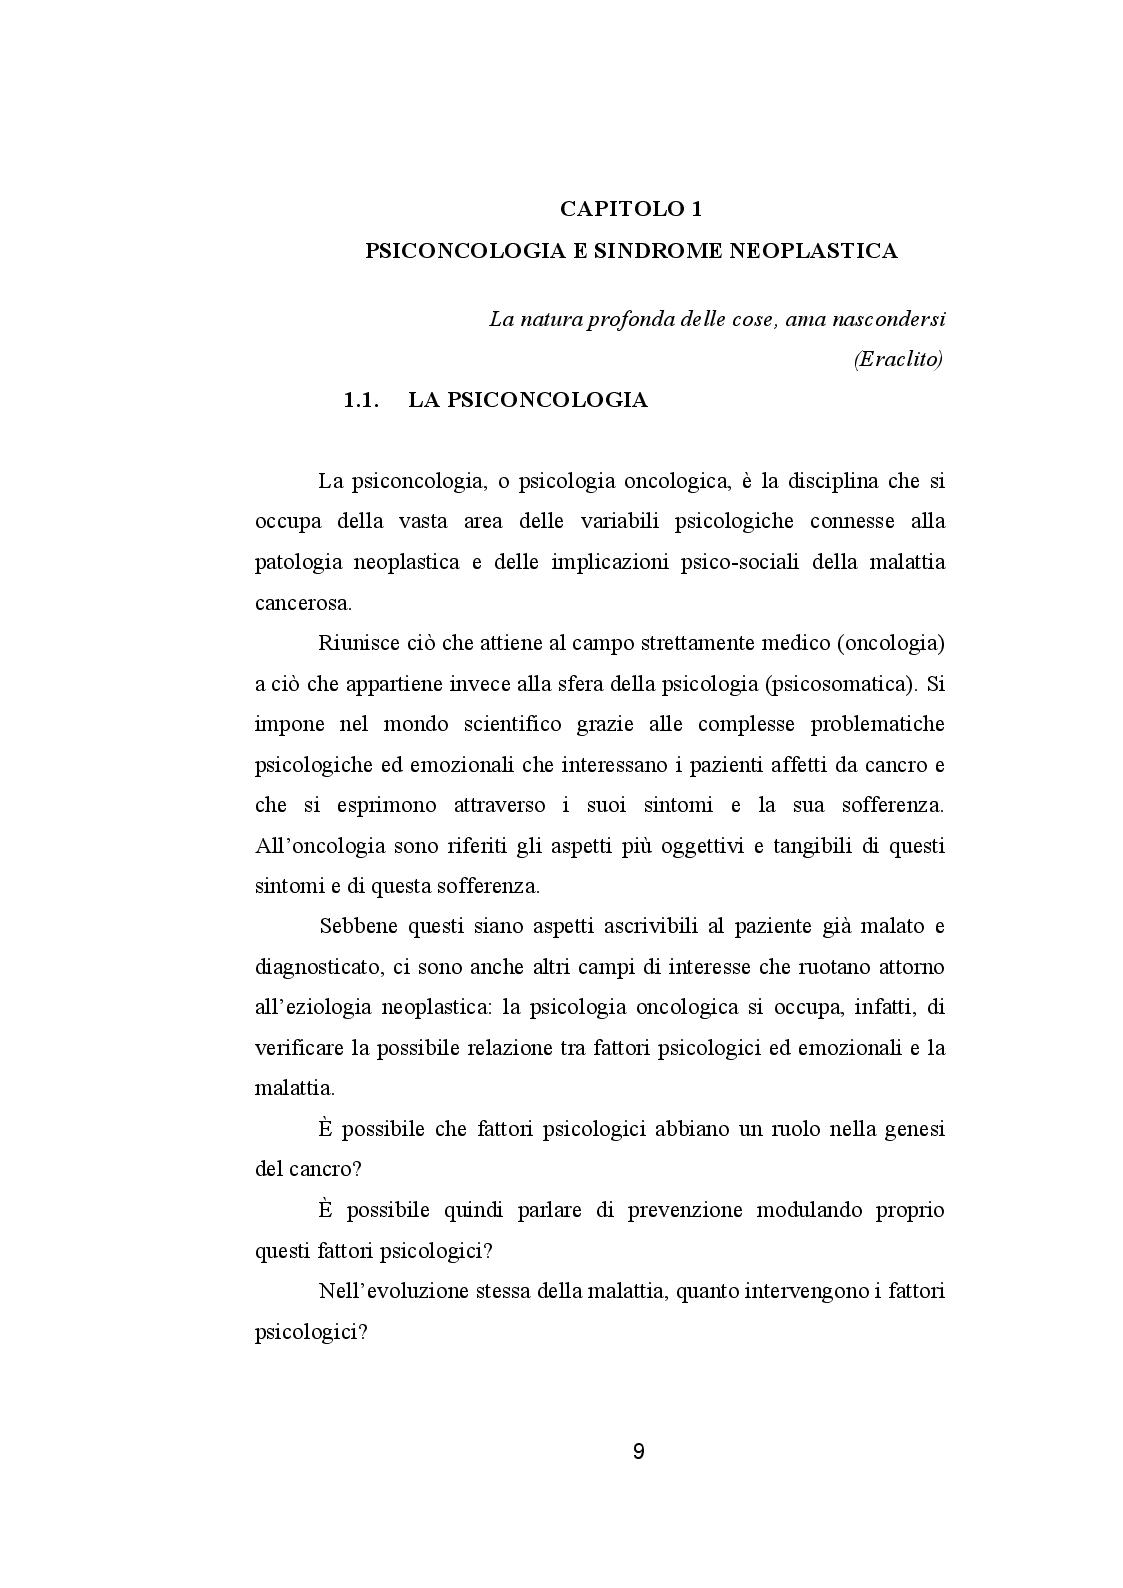 Anteprima della tesi: CANCRO ED EMOZIONI. Implicazioni psicologiche e socio-relazionali nella sindrome psiconeoplastica, Pagina 7